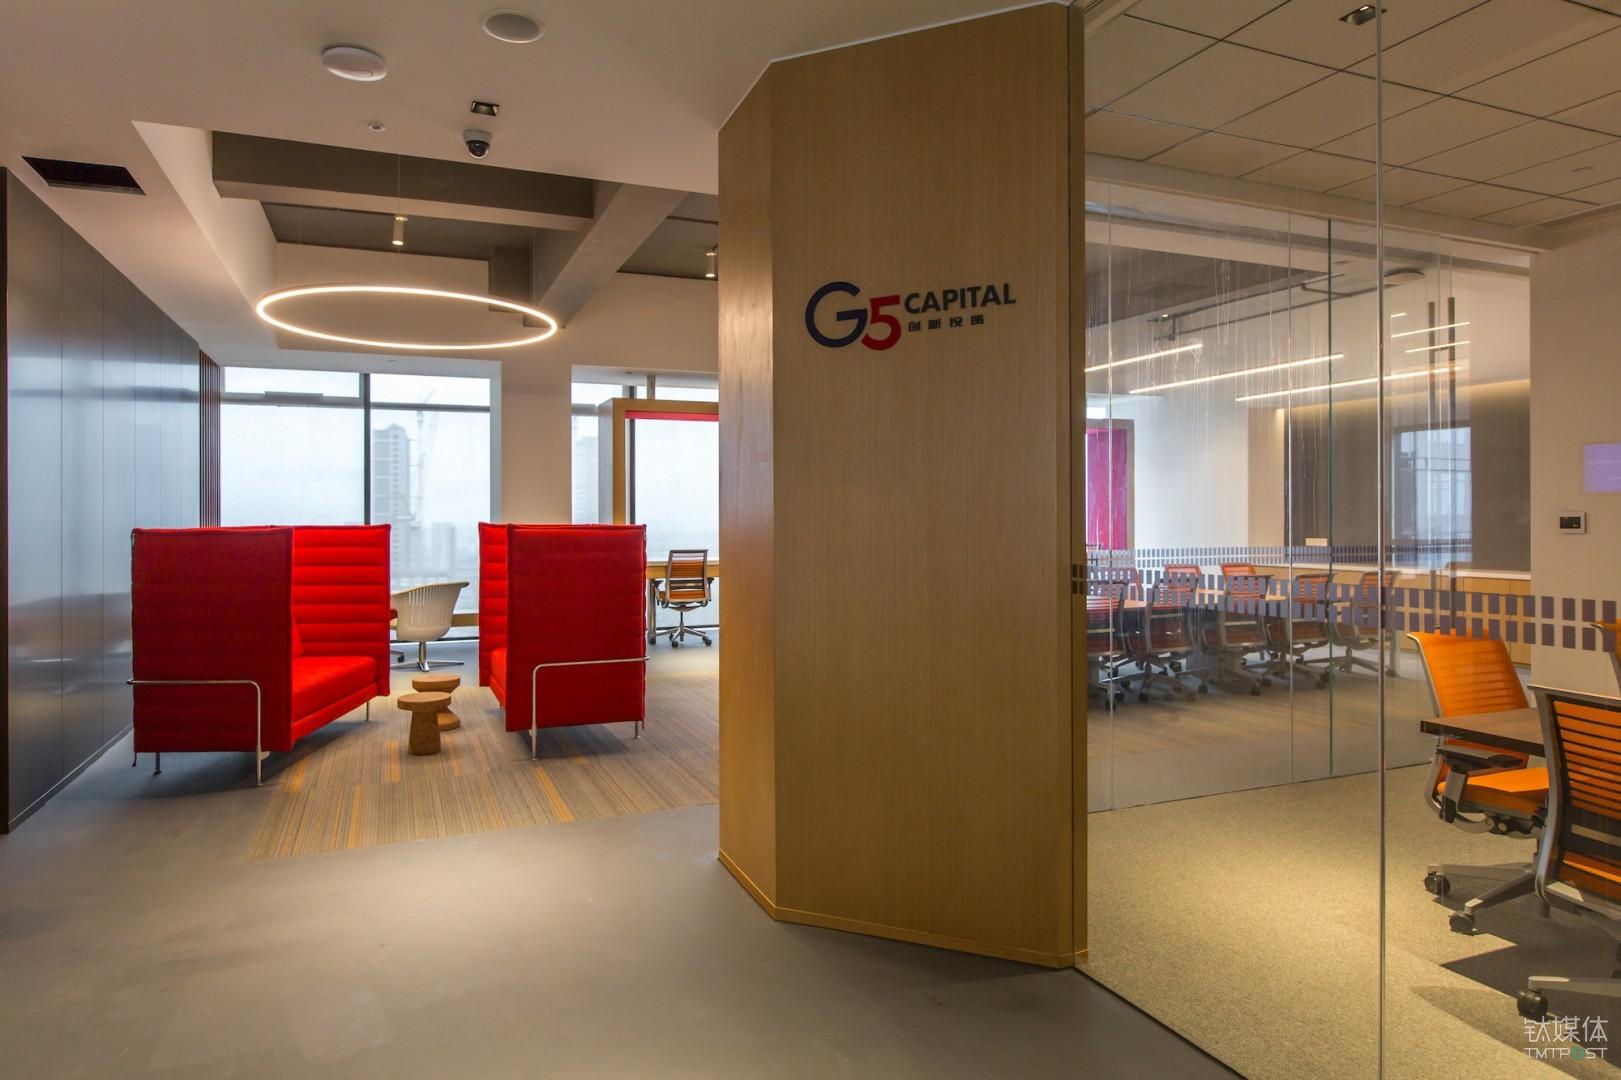 """2013年以来,位于杭州EFC欧美金融城的""""G5 创投中心""""已与欧美、澳洲的国家和地区的一线孵化器、加速器、风险投资机构、高校实验室等100家机构建立了战略合作伙伴关系。"""